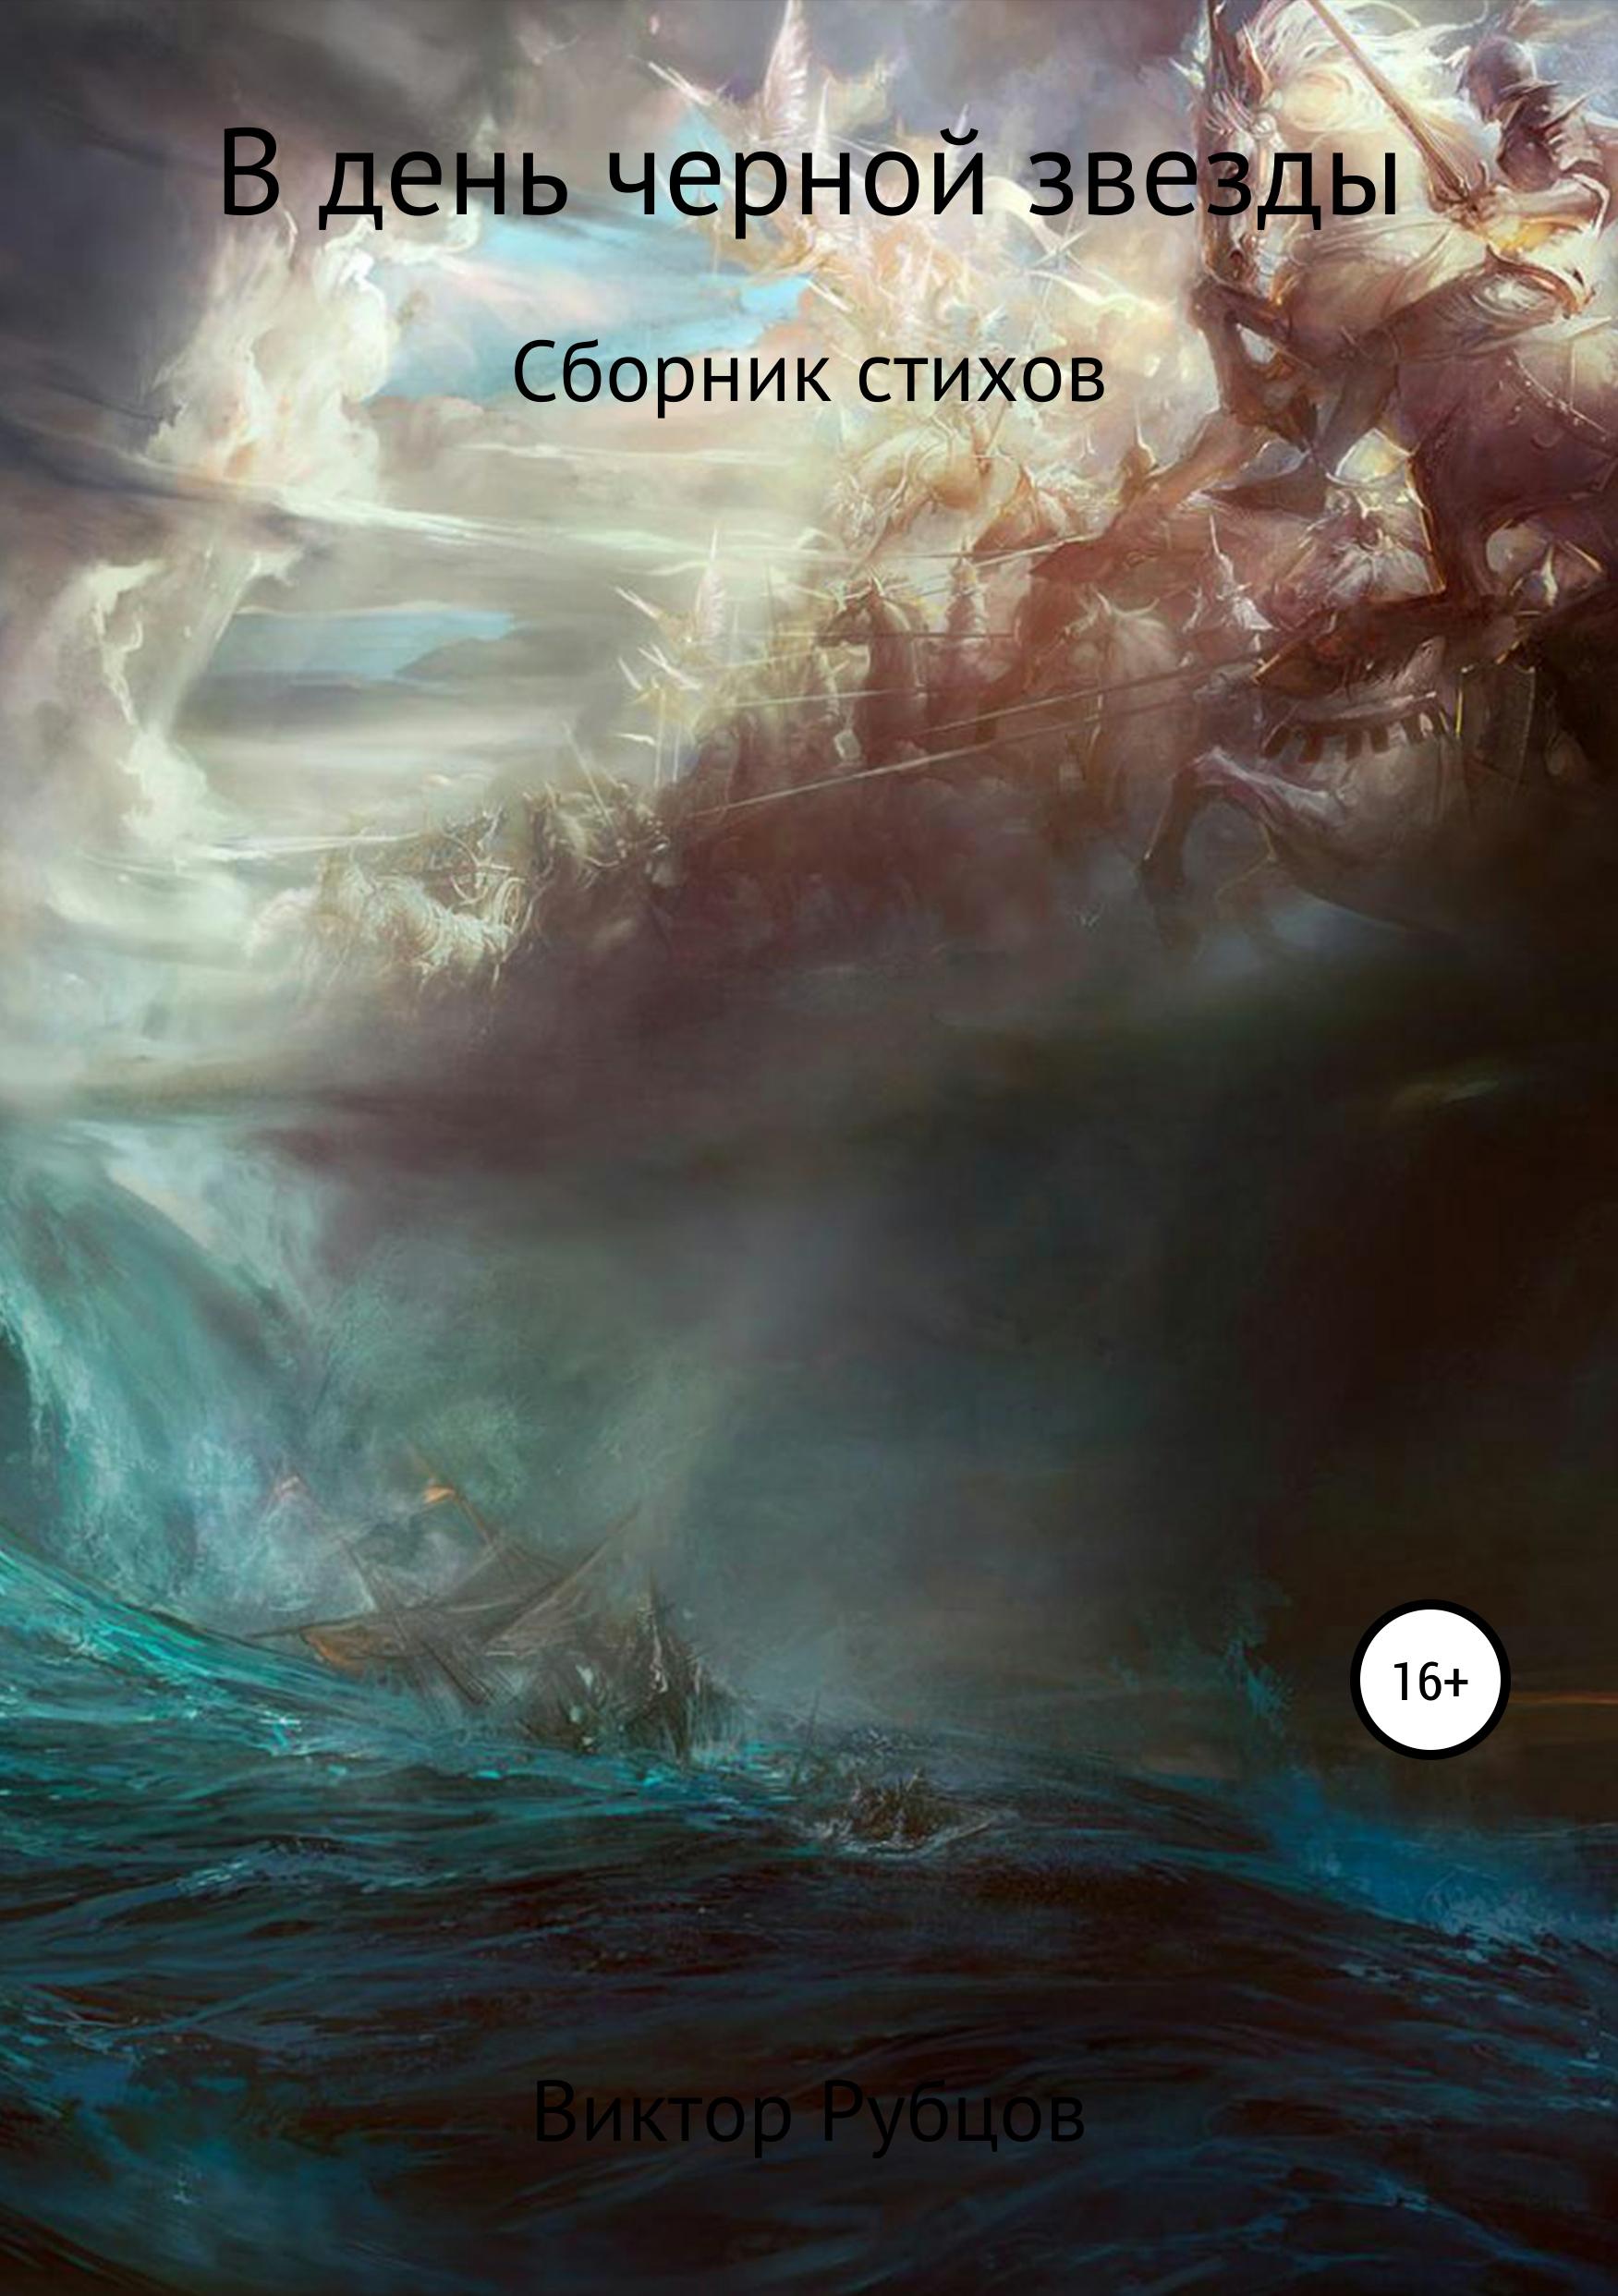 Виктор Николаевич Рубцов В день черной звезды. Сборник стихов